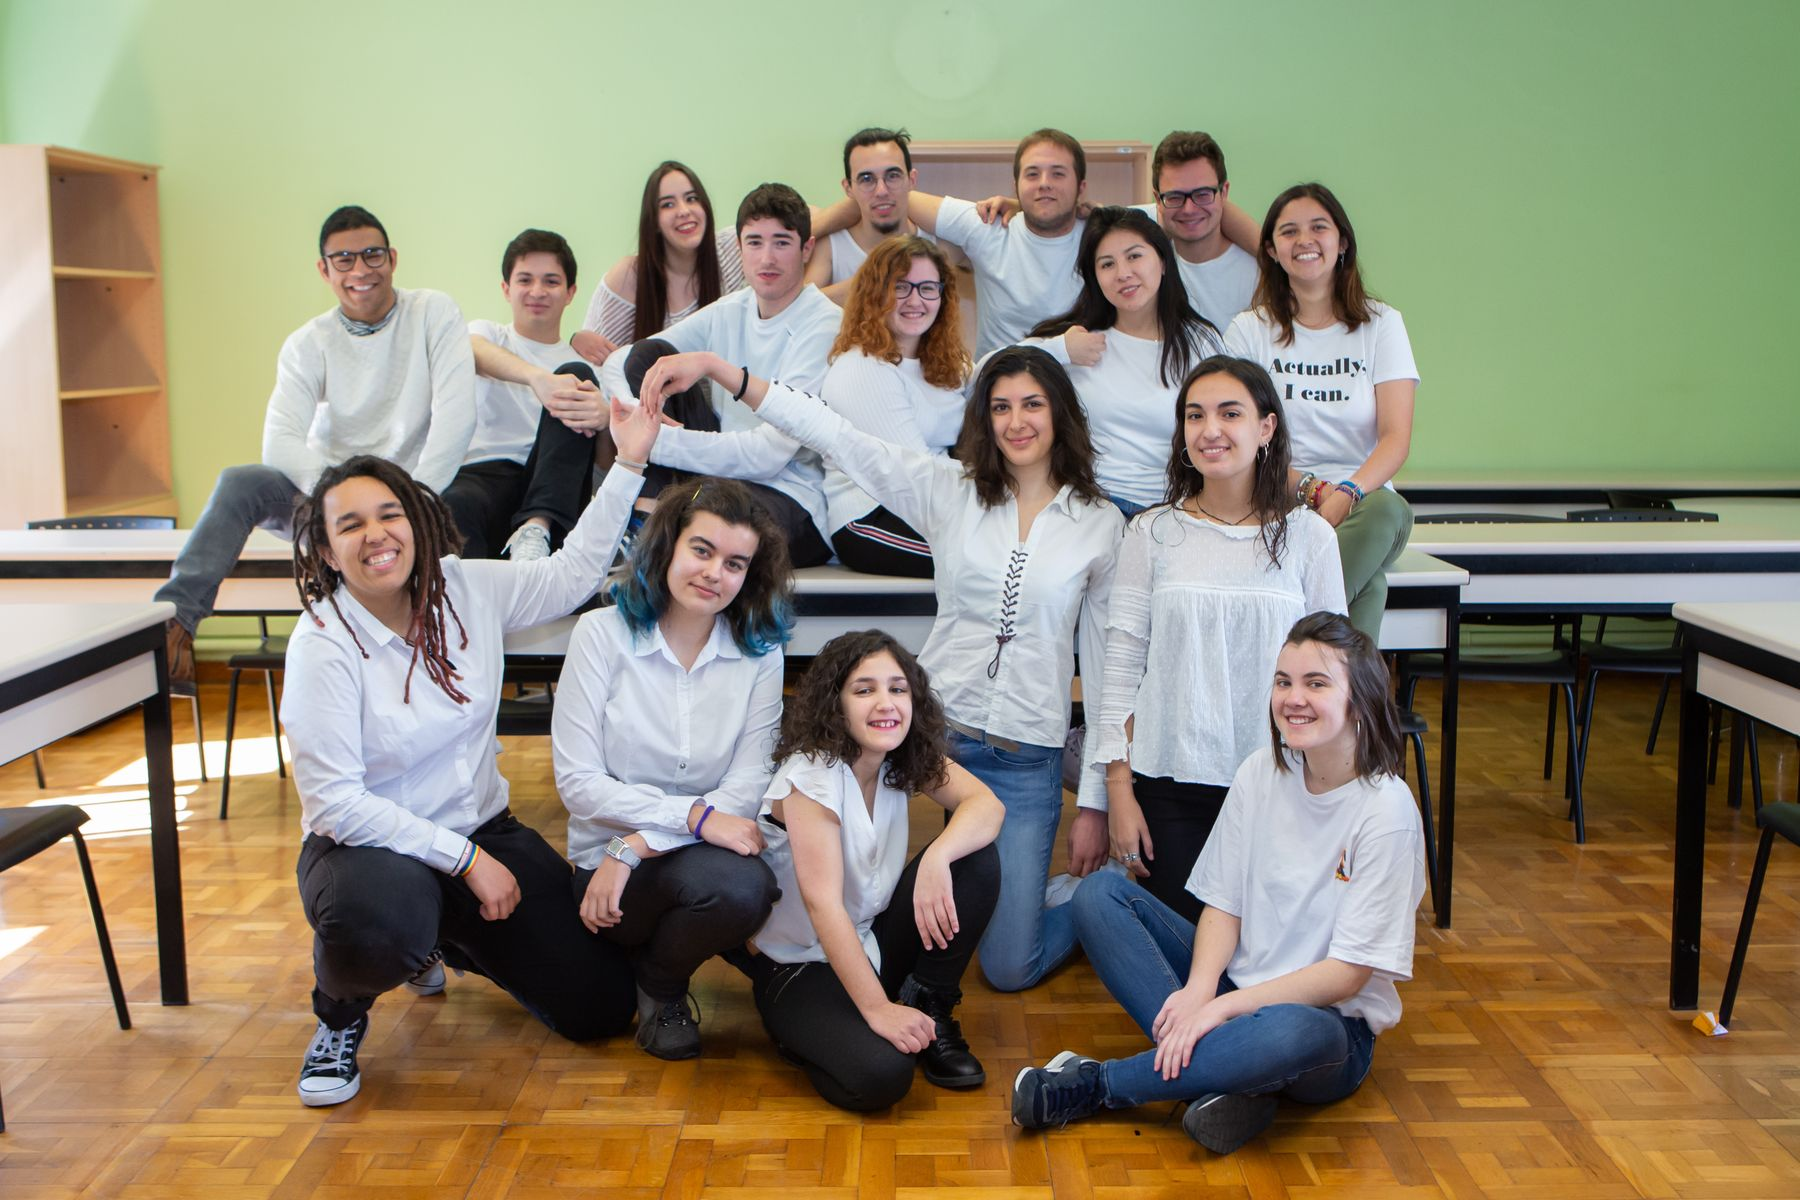 El Grupo de Teatro de la UPNA, durante un ensayo en el campus de Arrosadia